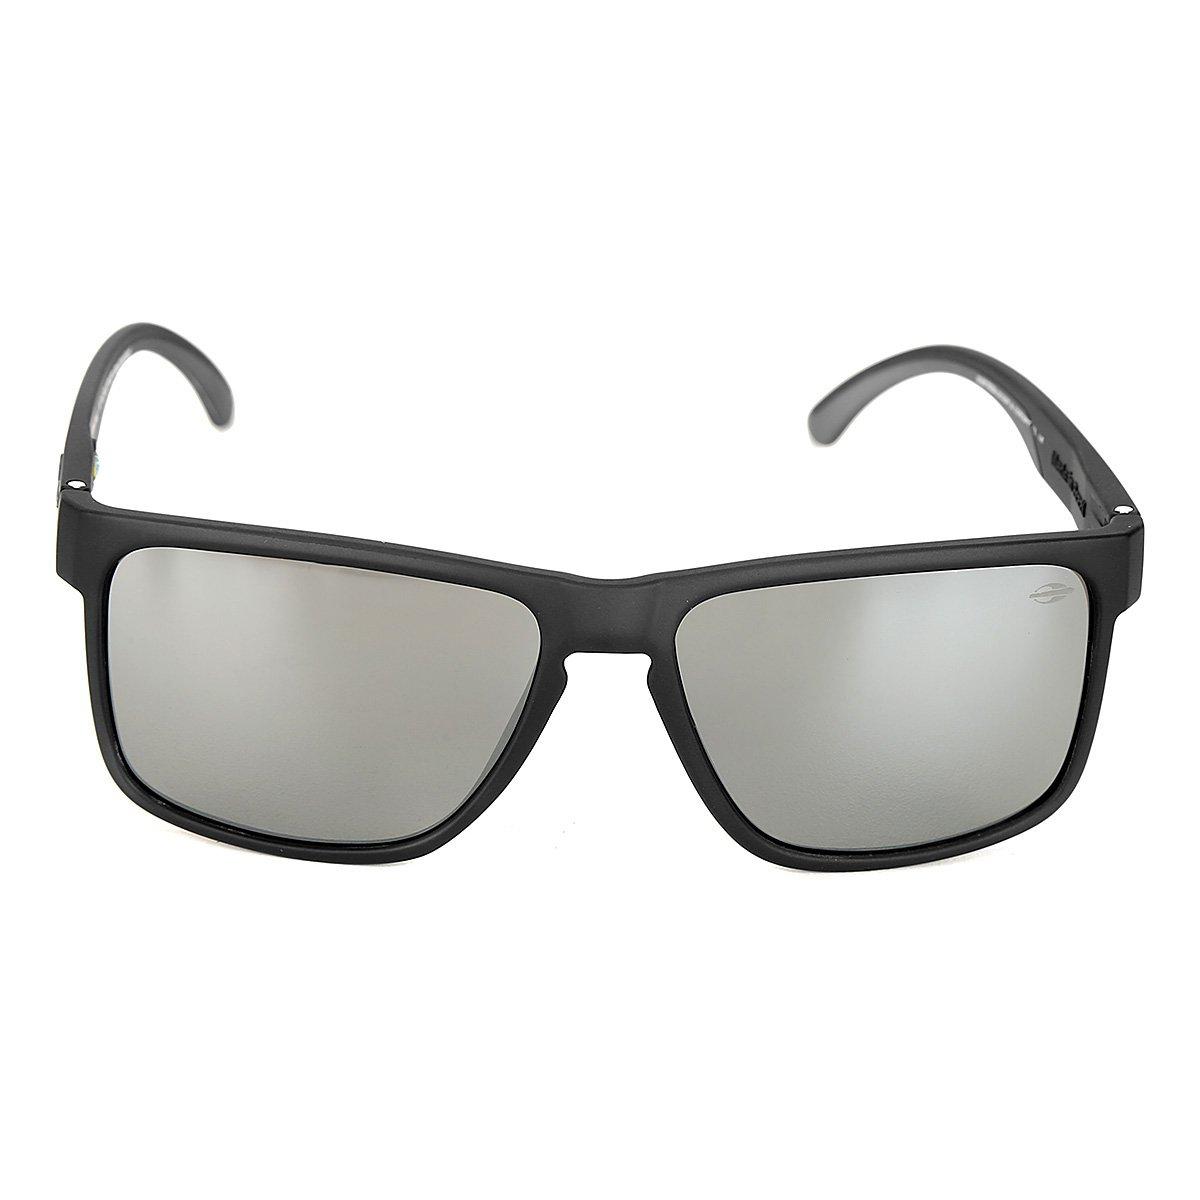 Óculos de Sol Mormaii M0029D7709 Monterey Masculino - Preto - Compre ... 88f3dccf1c